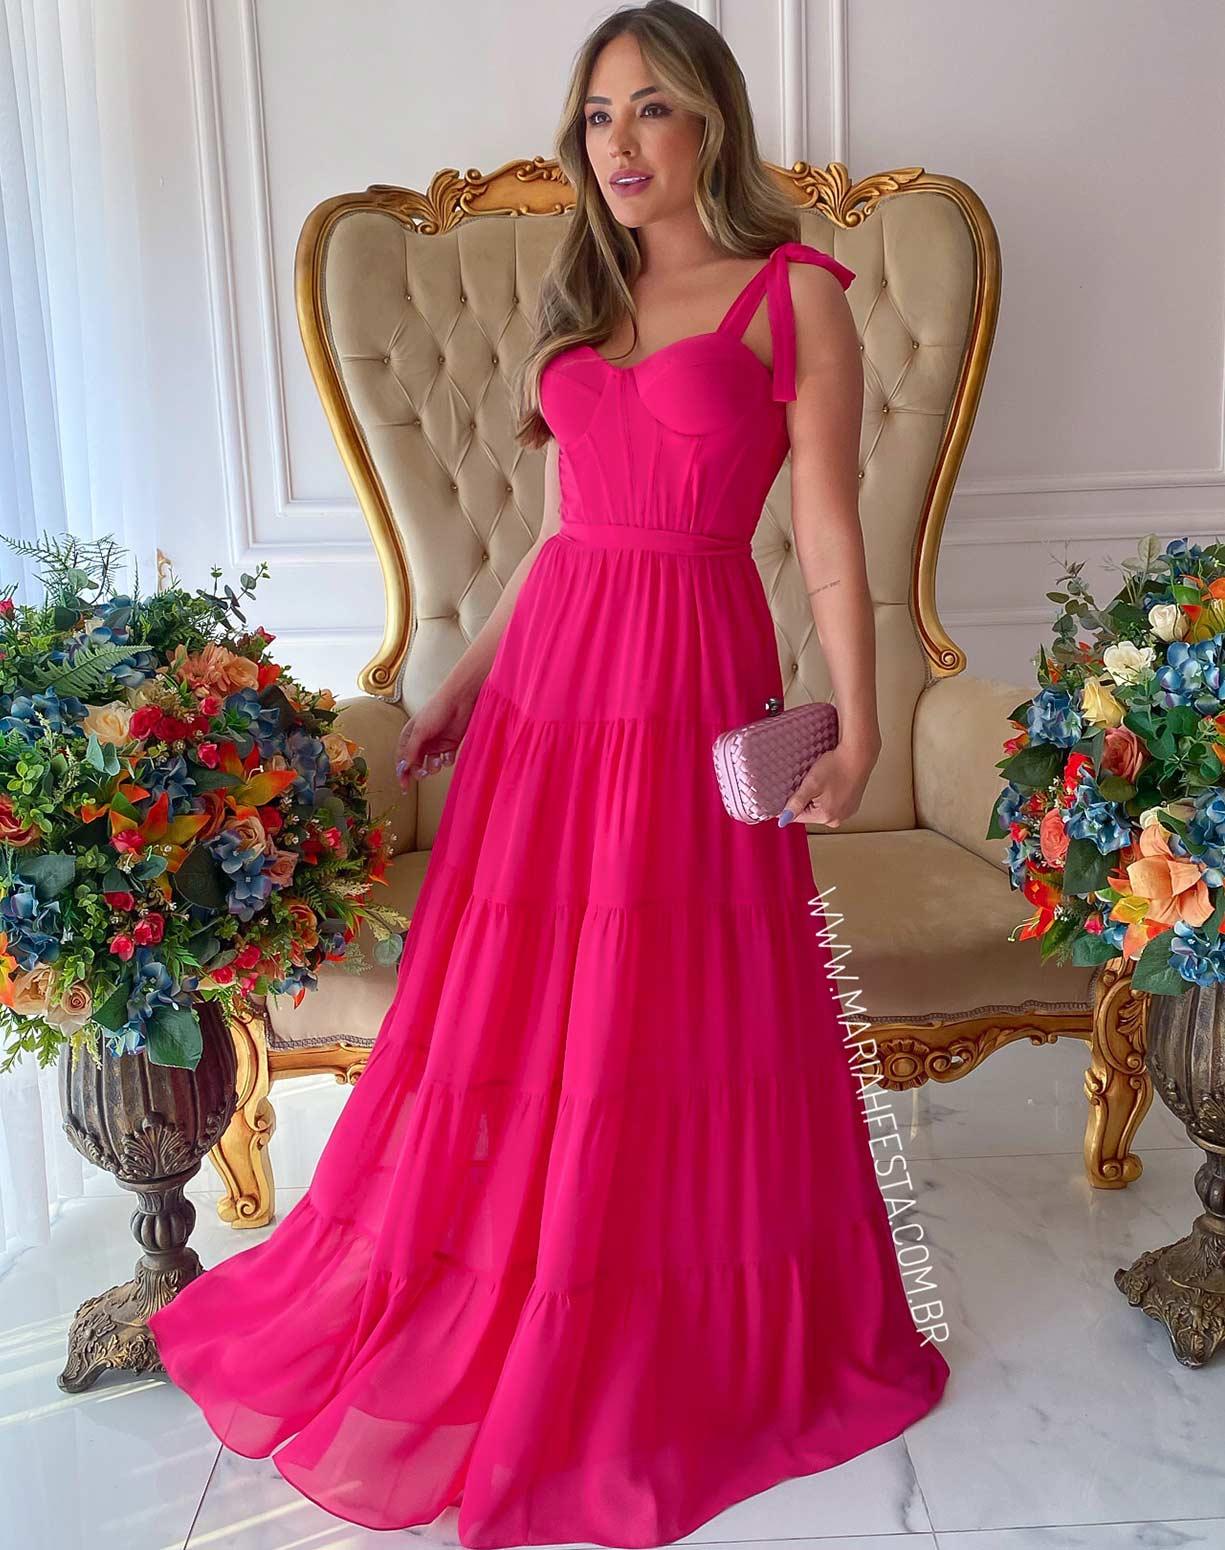 Vestido Rosa Pink com Corpete e Saia em Camadas